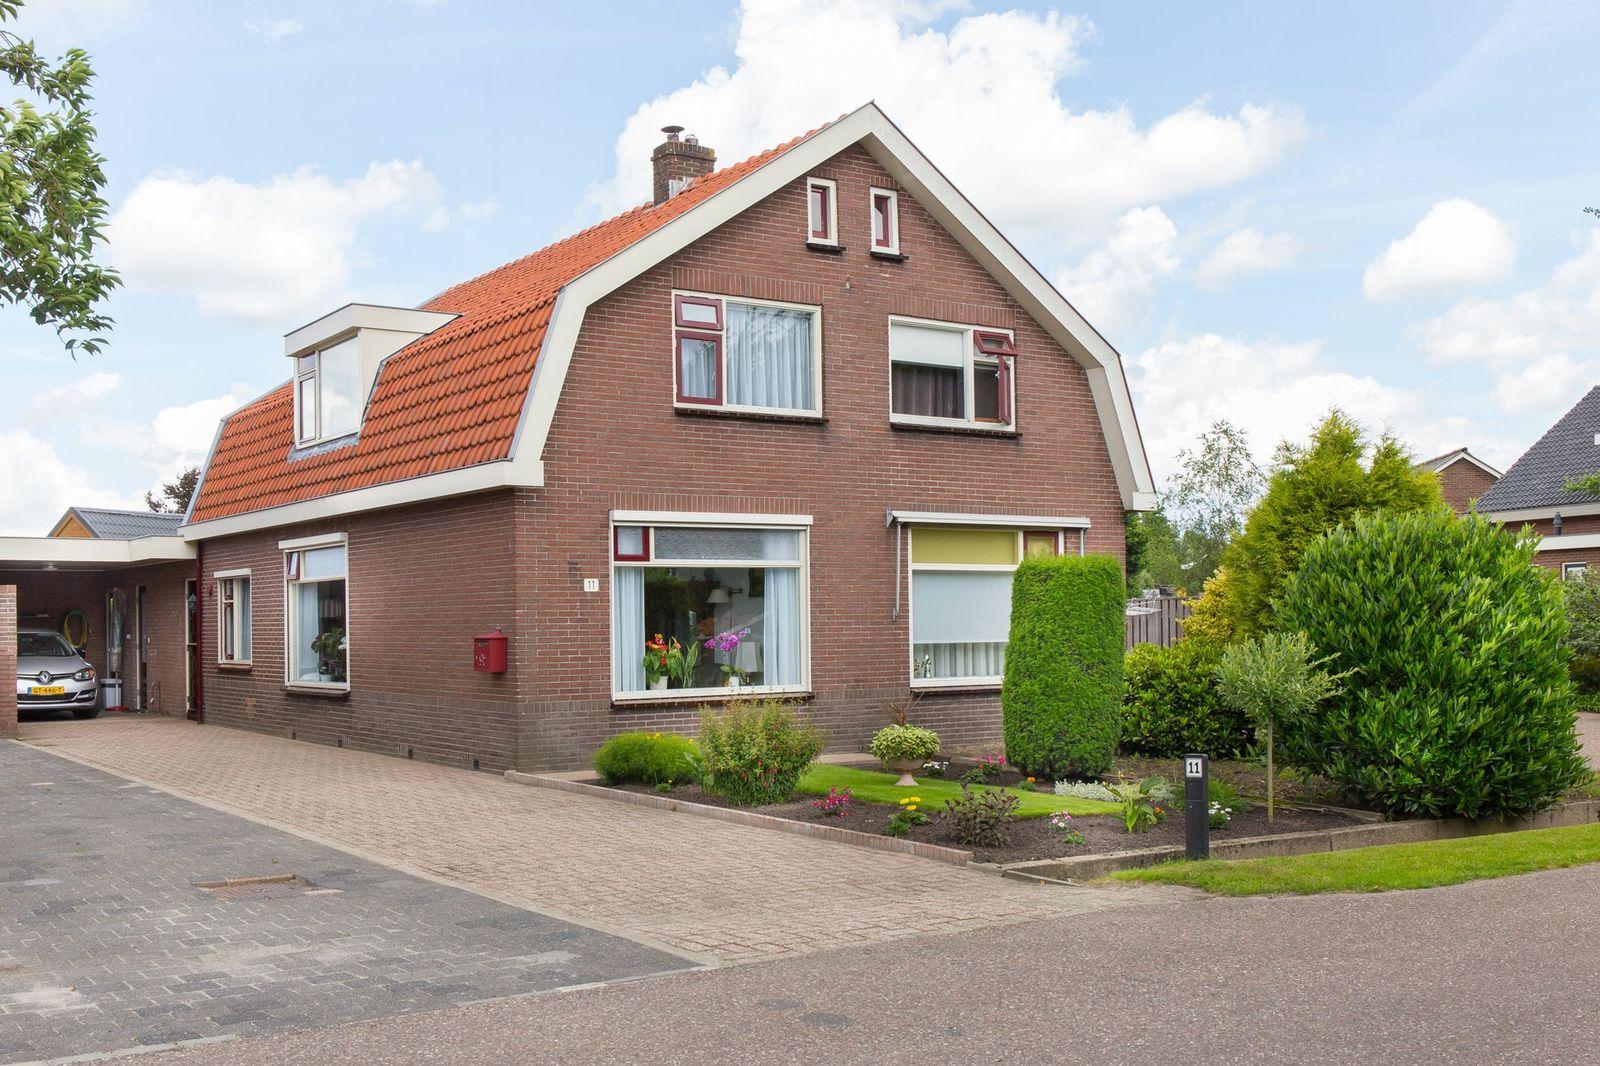 Domstraat 11, Nijkerkerveen